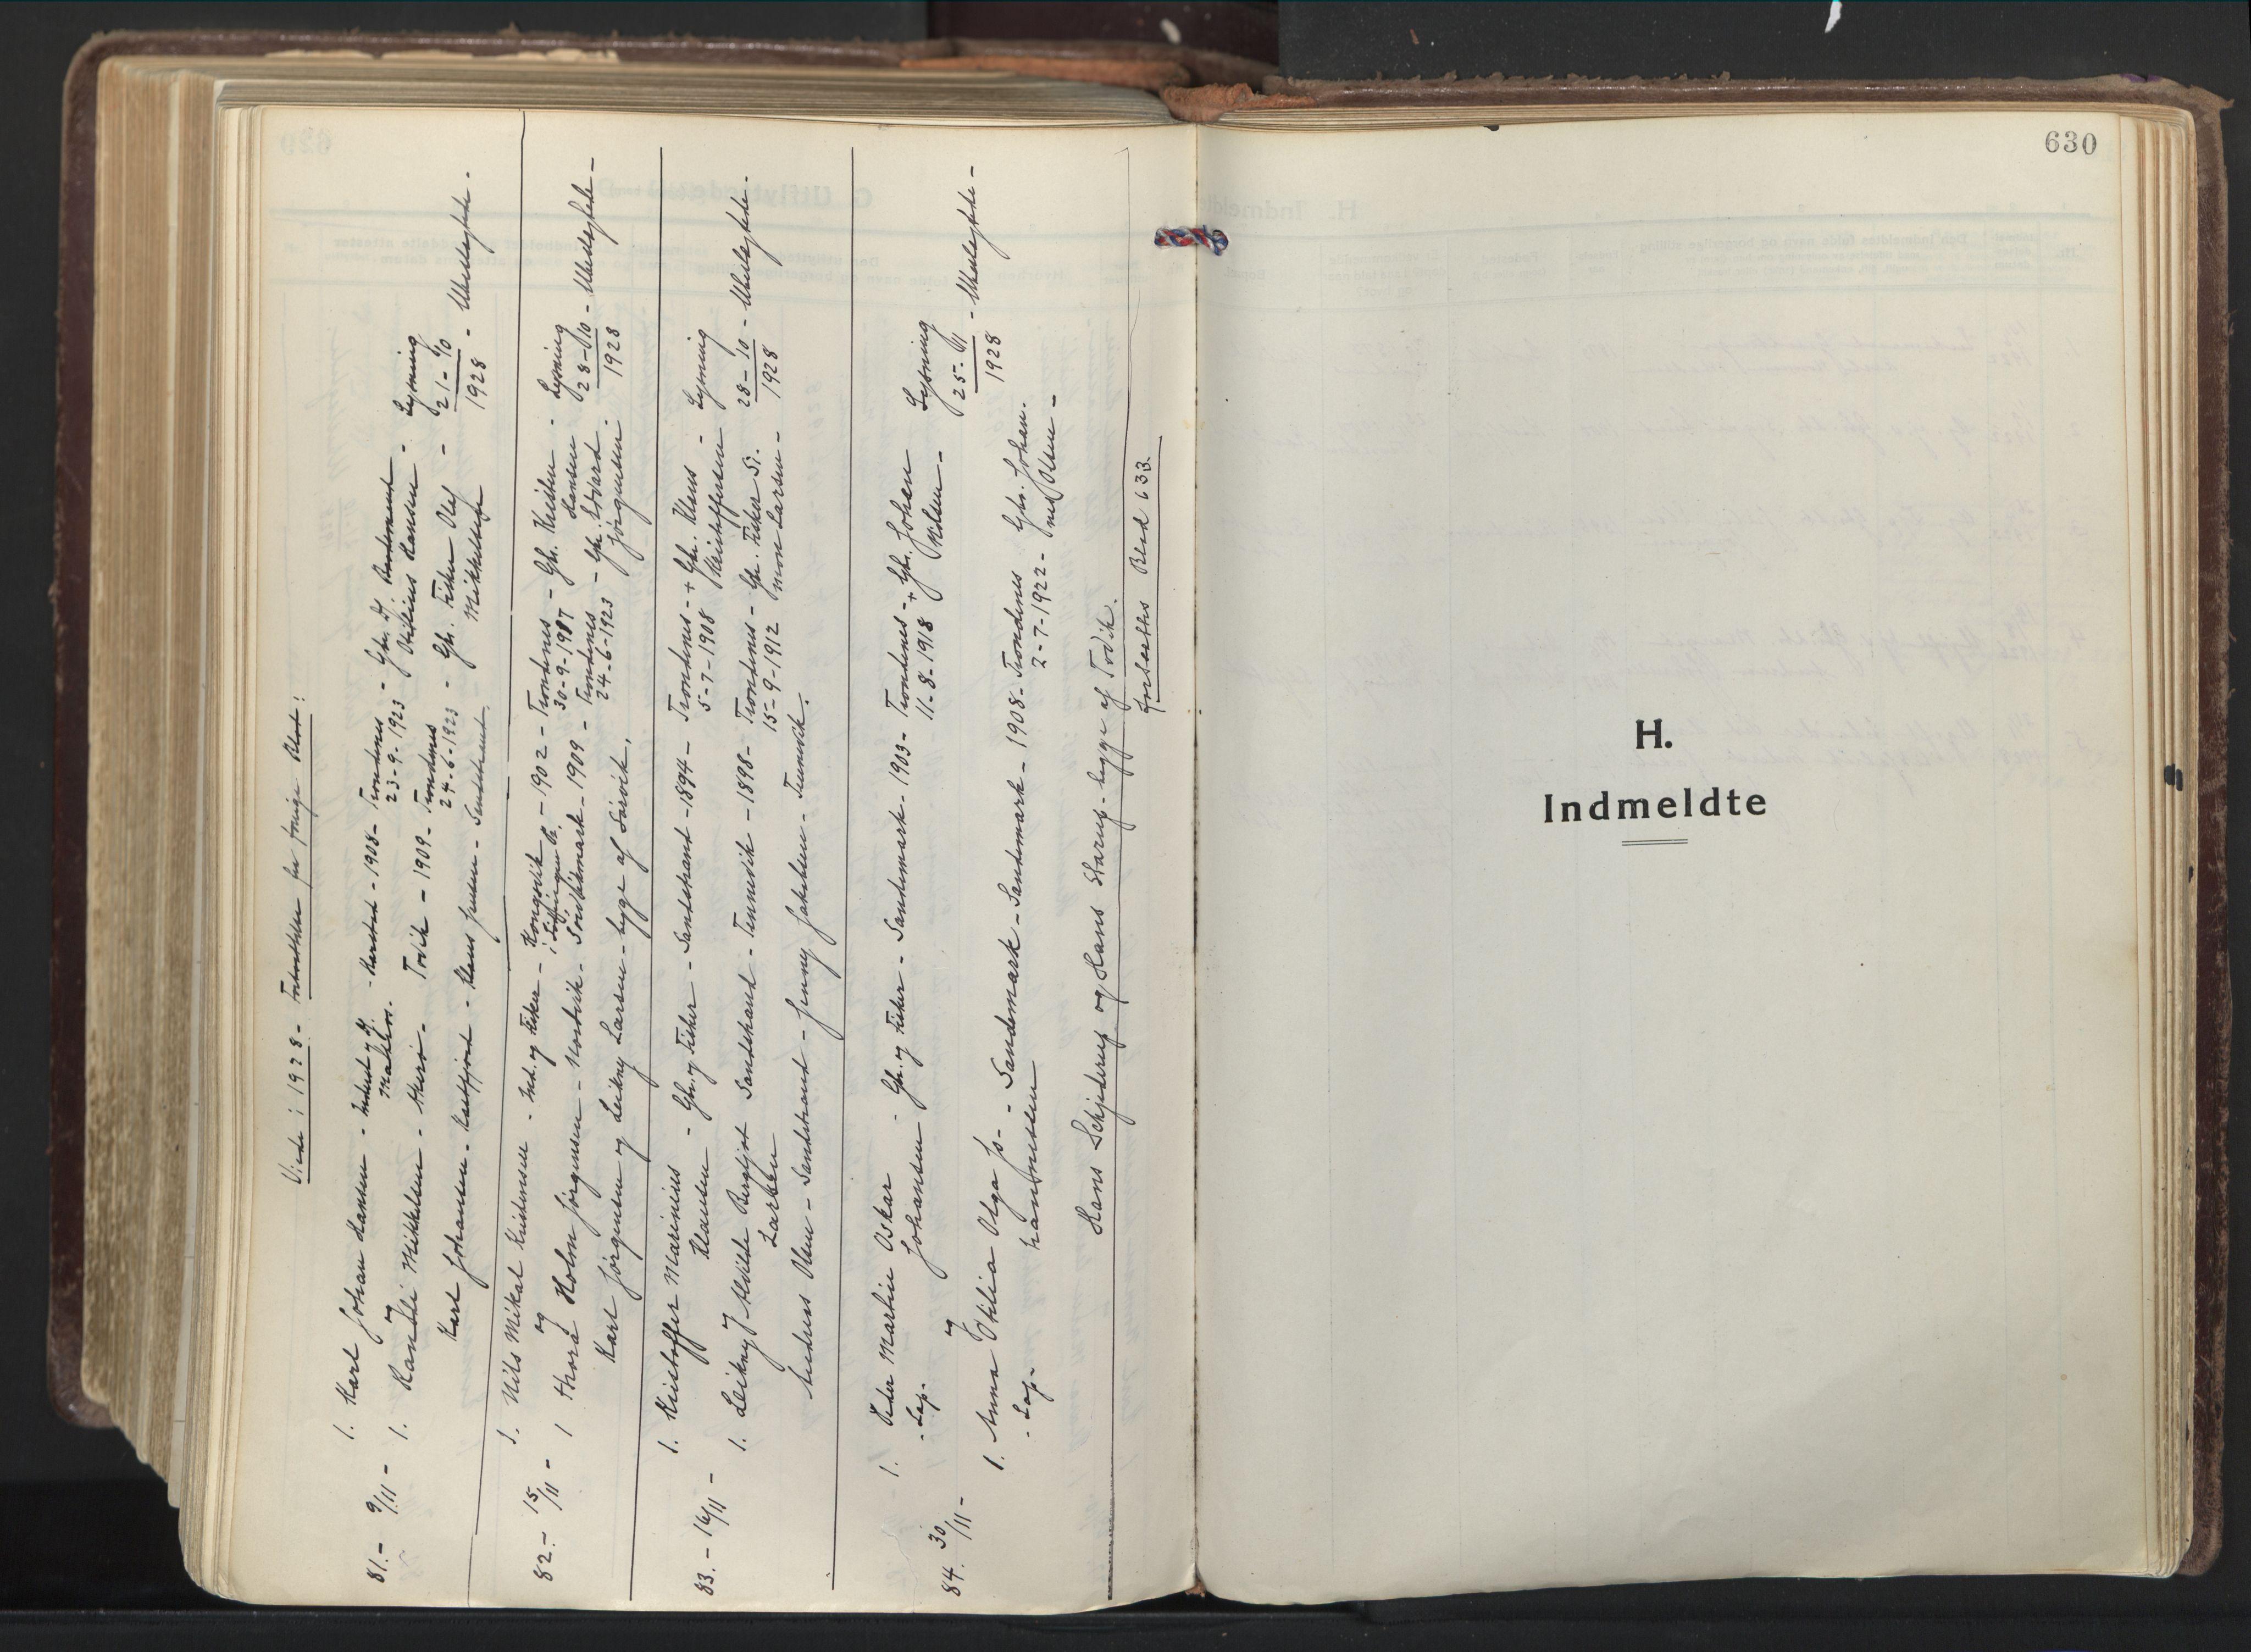 SATØ, Trondenes sokneprestkontor, H/Ha/L0019kirke: Ministerialbok nr. 19, 1919-1928, s. 630